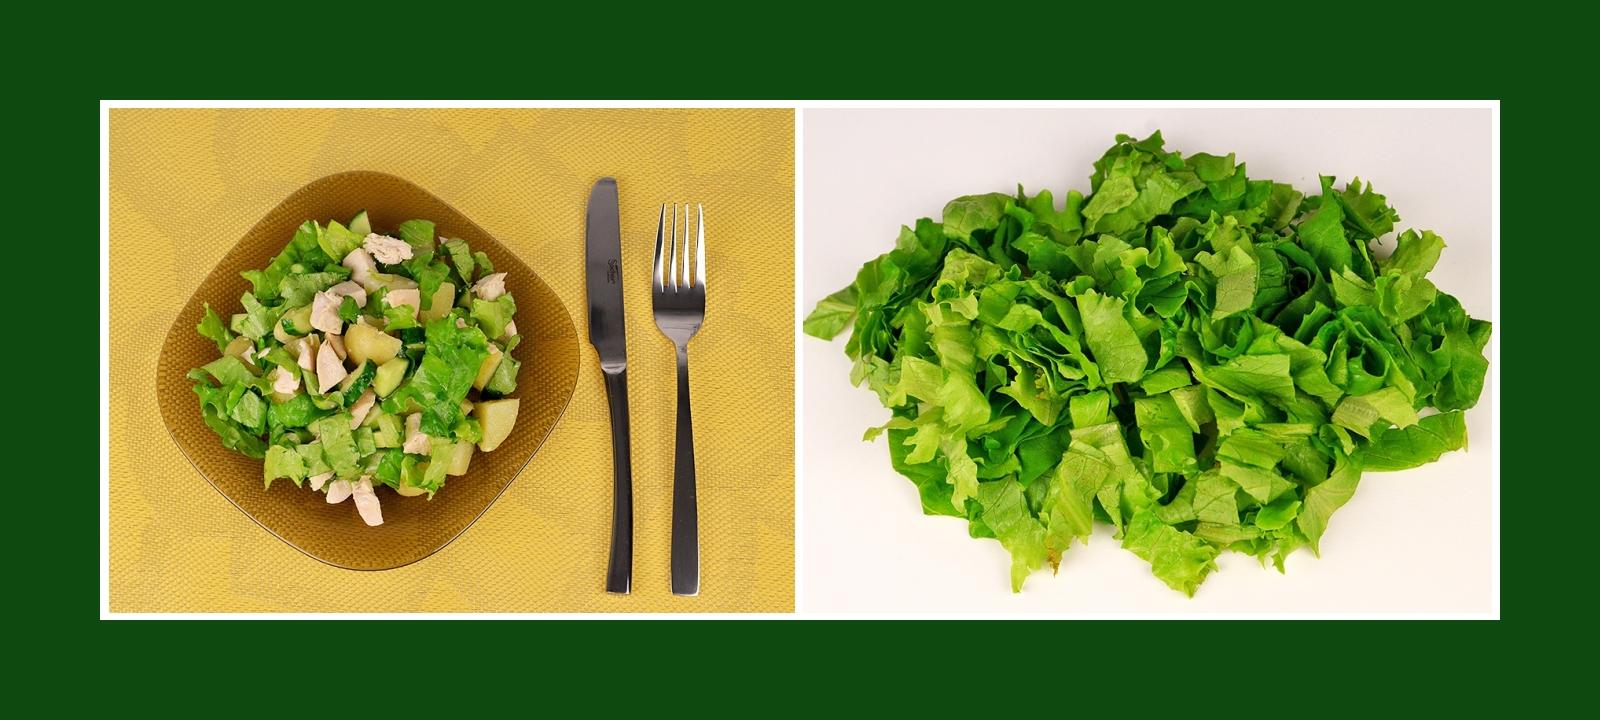 Salat für grünen Frühlingssalat